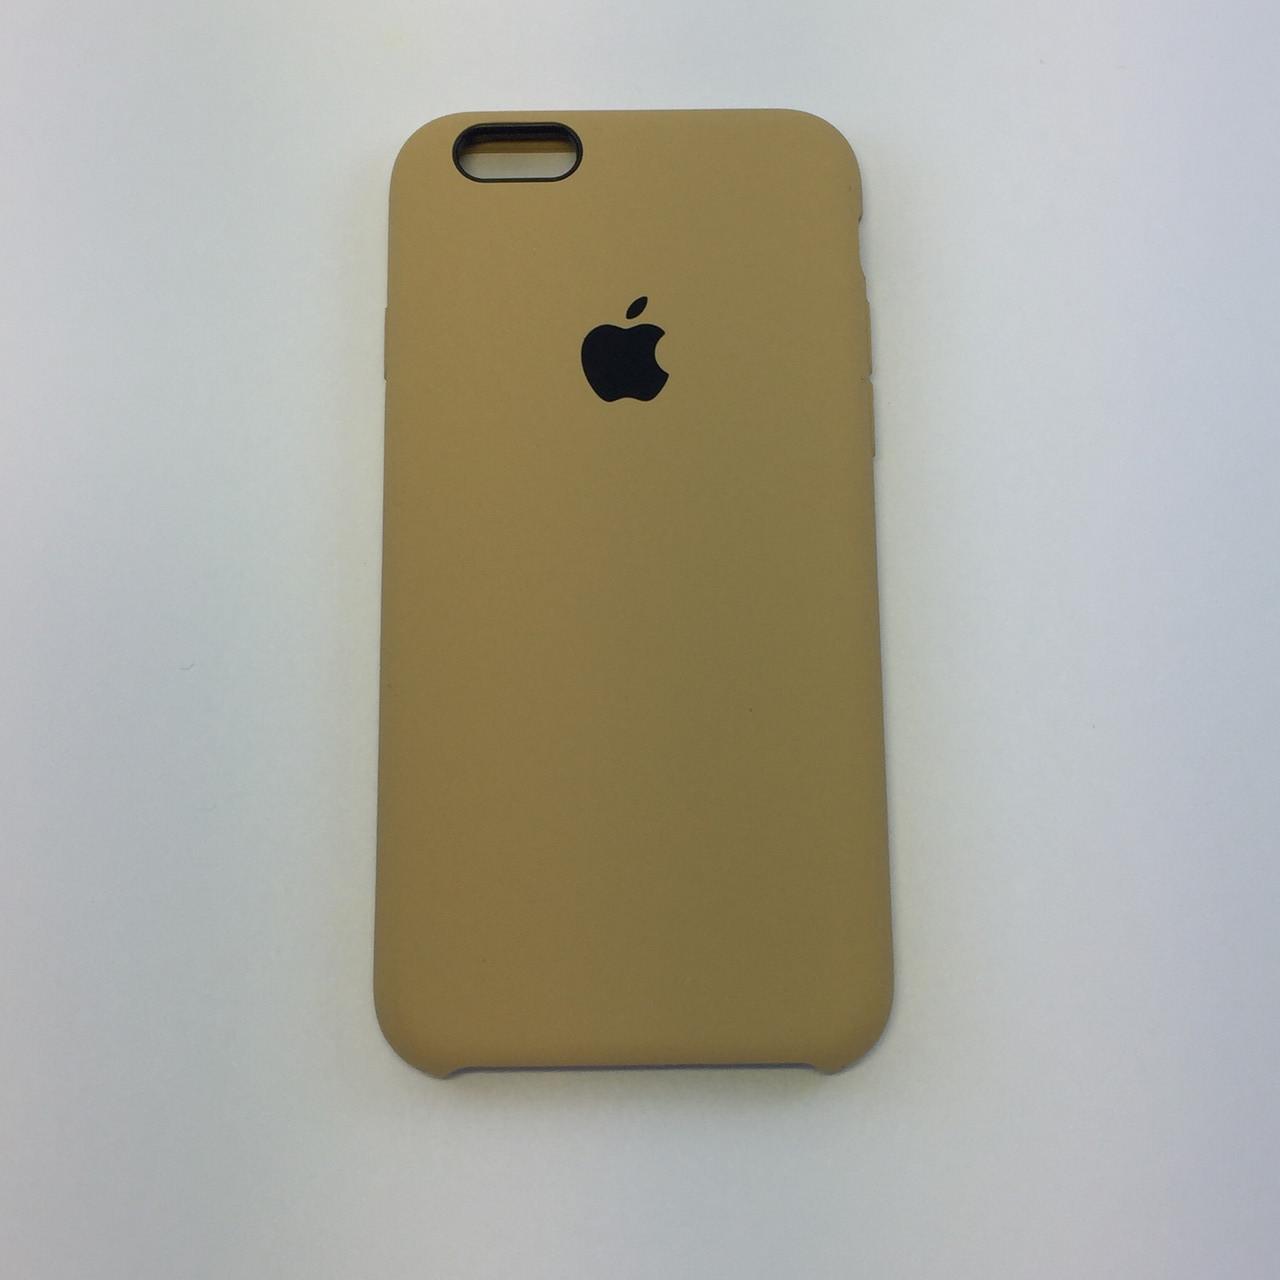 Силиконовый чехол для iPhone 7 Plus, - «gold» - copy original